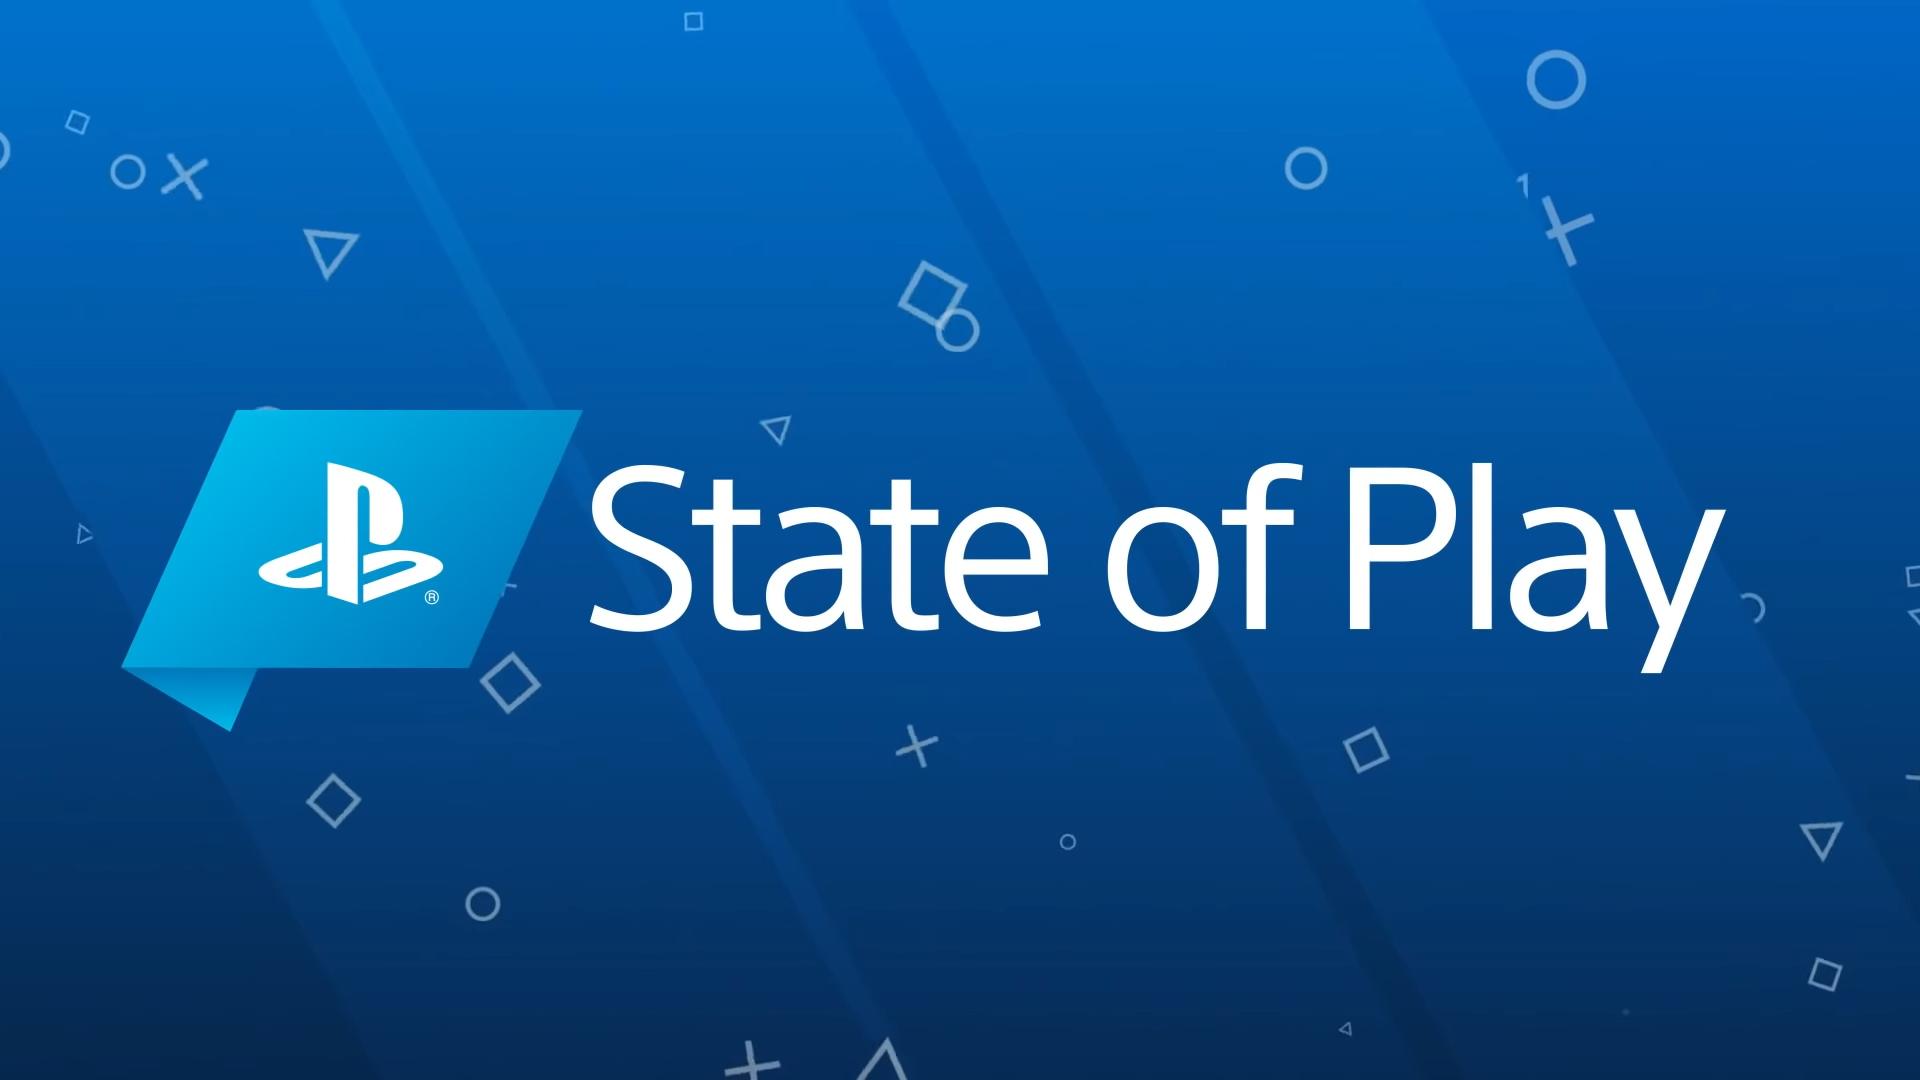 شایعه: سونی رویداد جدیدی را اواخر این ماه برگزار خواهد کرد | احتمالا قسمت جدید State of Play